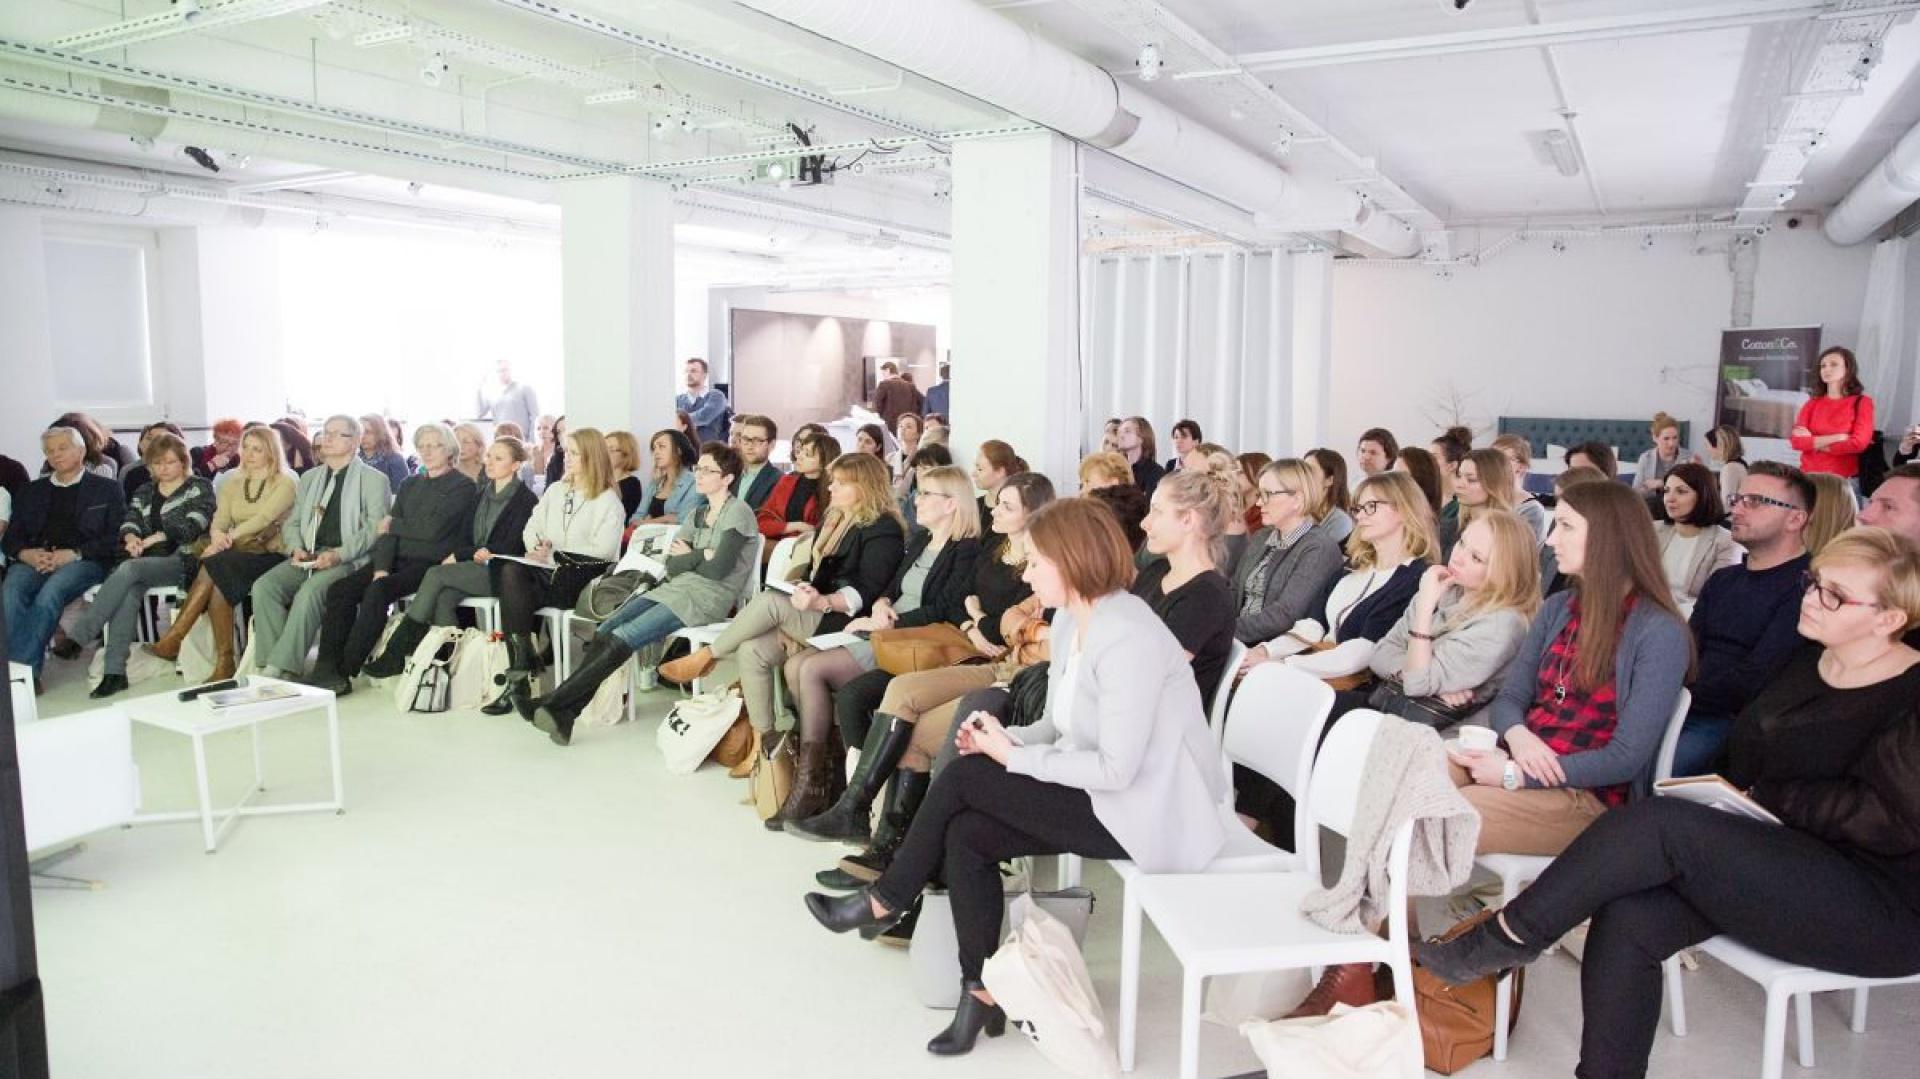 Spotkanie zgromadziło przeszło 150 osób – ludzi świata nauki, ekspertów branży wzornictwa przemysłowego, projektantów i architektów oraz miłośników dobrego designu.Fot. Materiały prasowe